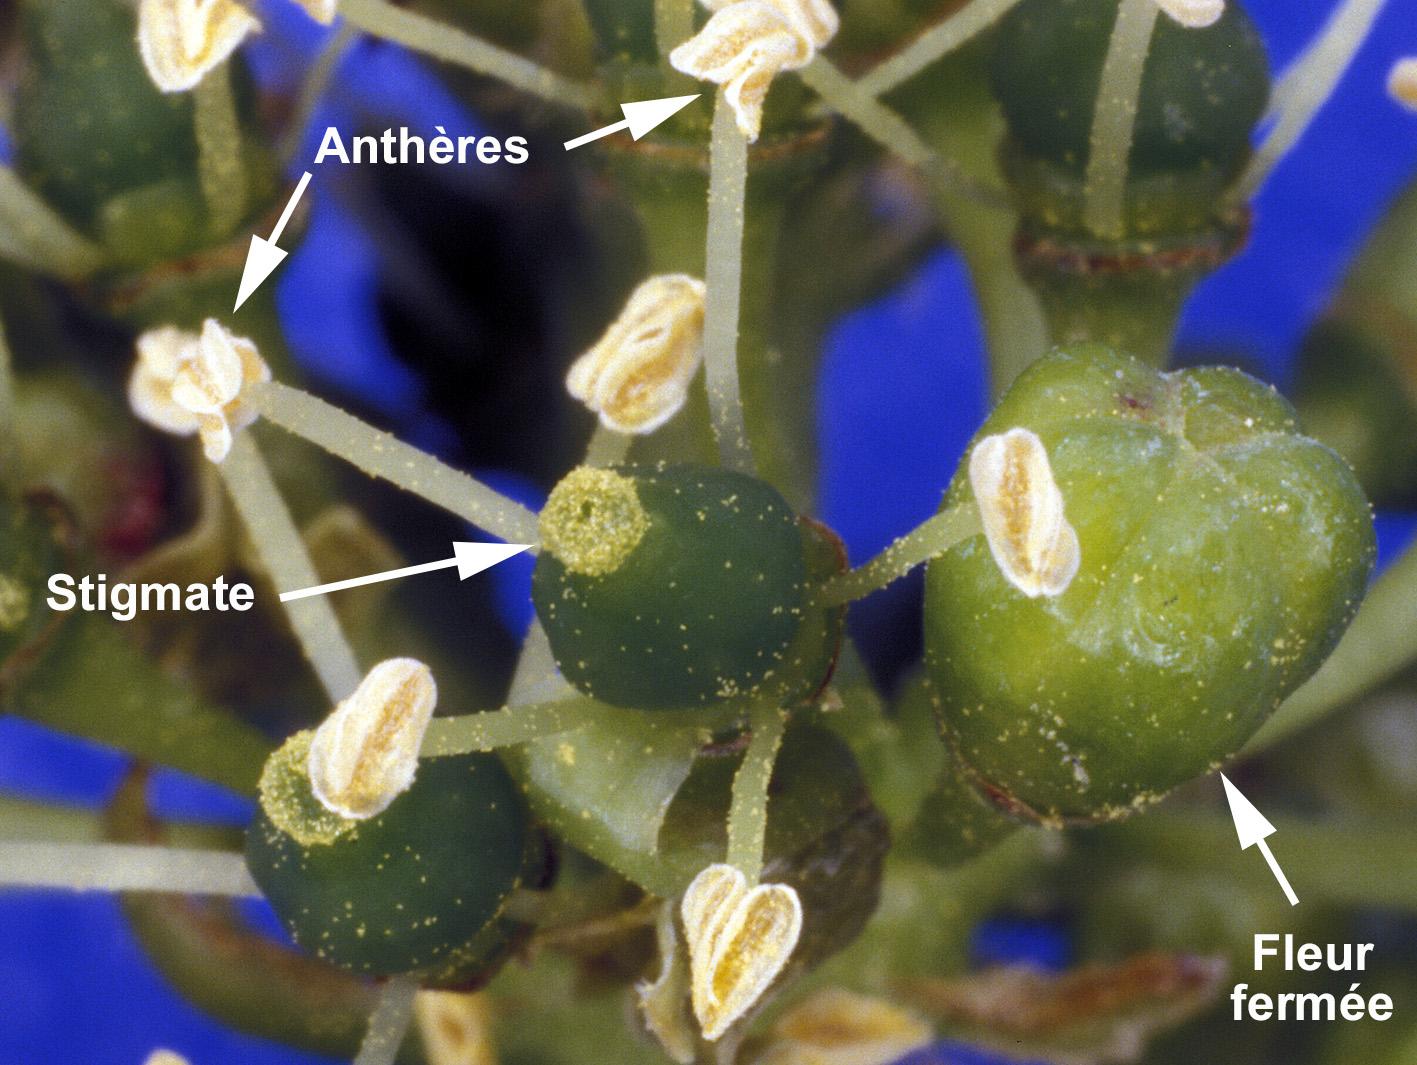 Ouverture des fleurs de vigne au moment de la floraiso